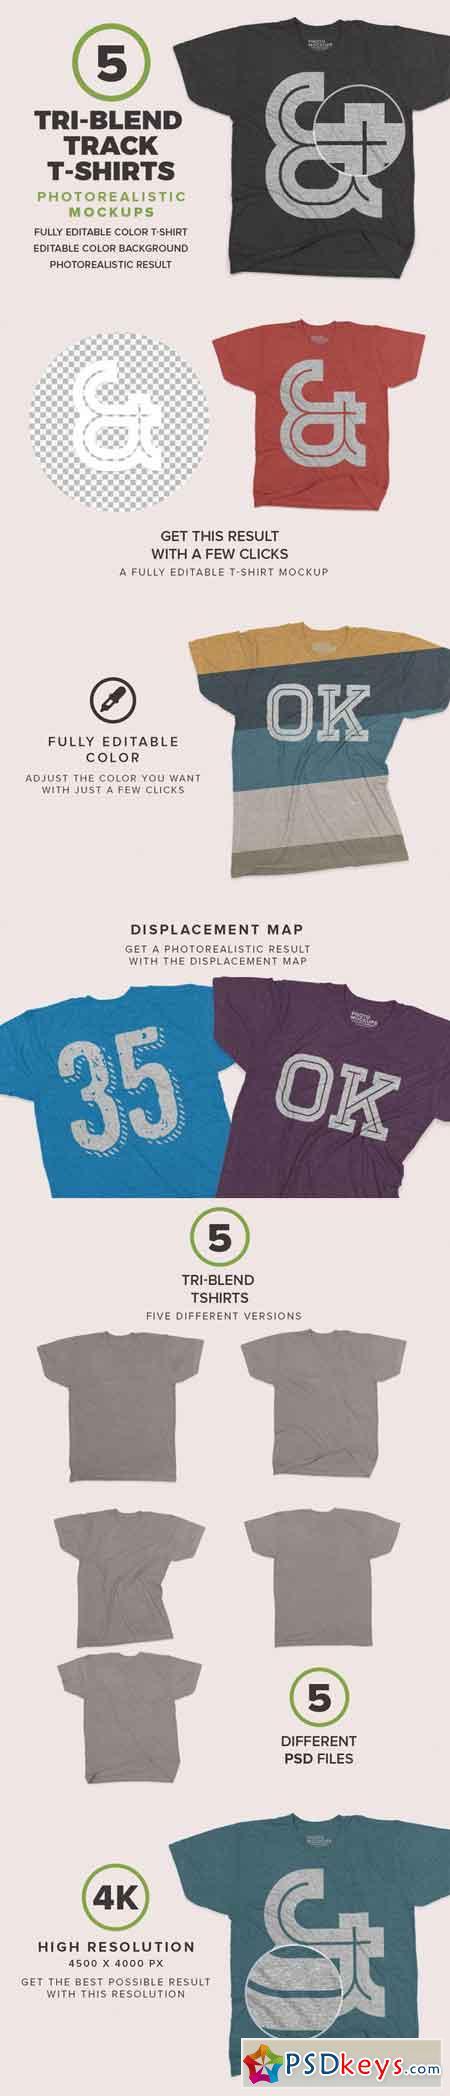 Tri-Blend Tshirts Mockups 684029